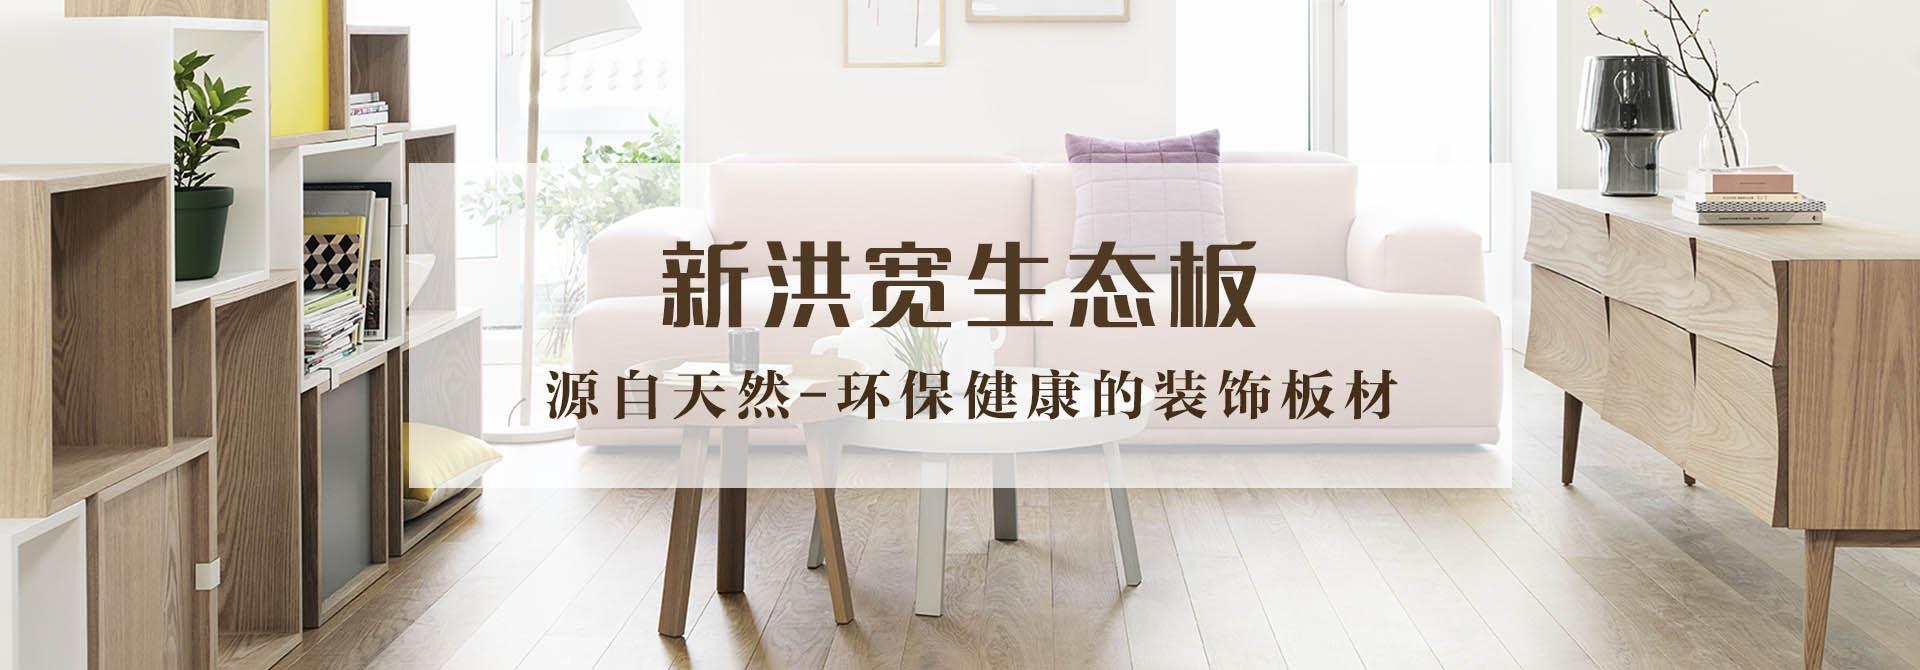 生态板品牌,生态板十大品牌,生态板厂家